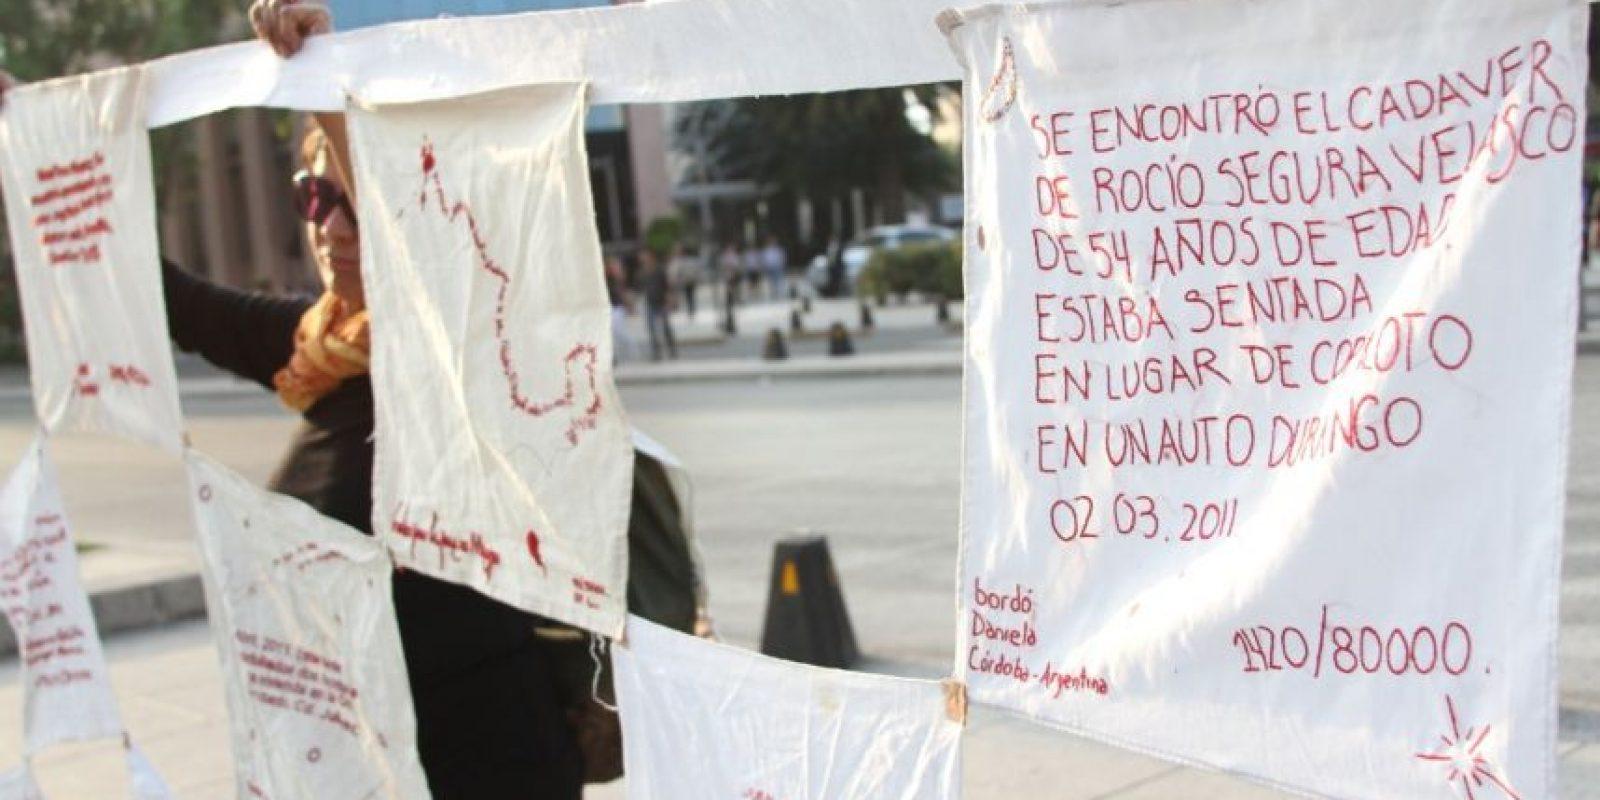 Imágenes de las protestas en Ciudad de México por los 43 estudiantes de Ayotzinapa Foto:Nicolás Corte/ Publimetro México